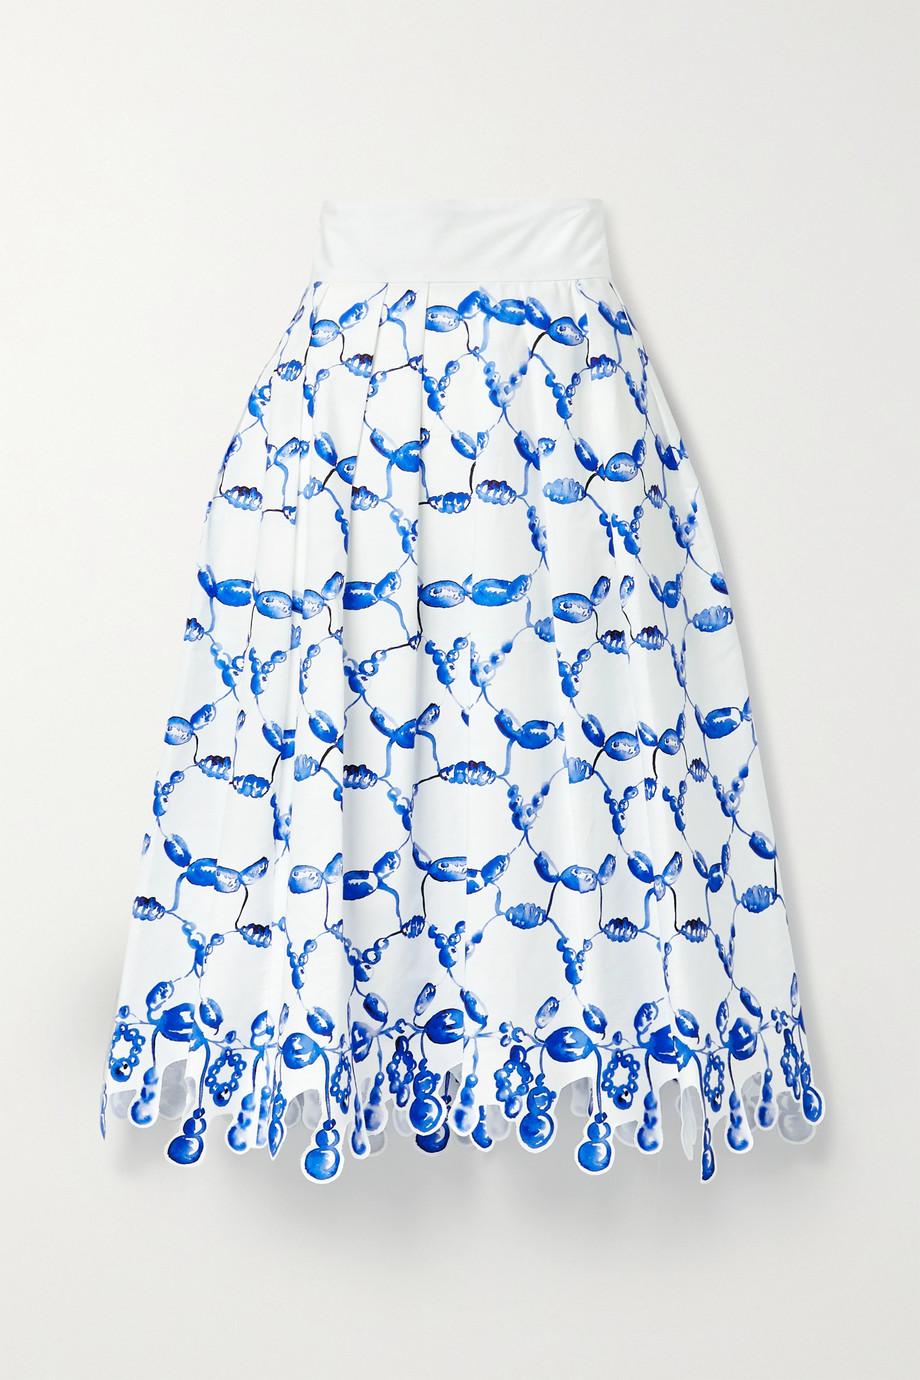 Rosie Assoulin Jupe midi en popeline de coton imprimée à plis et à festons